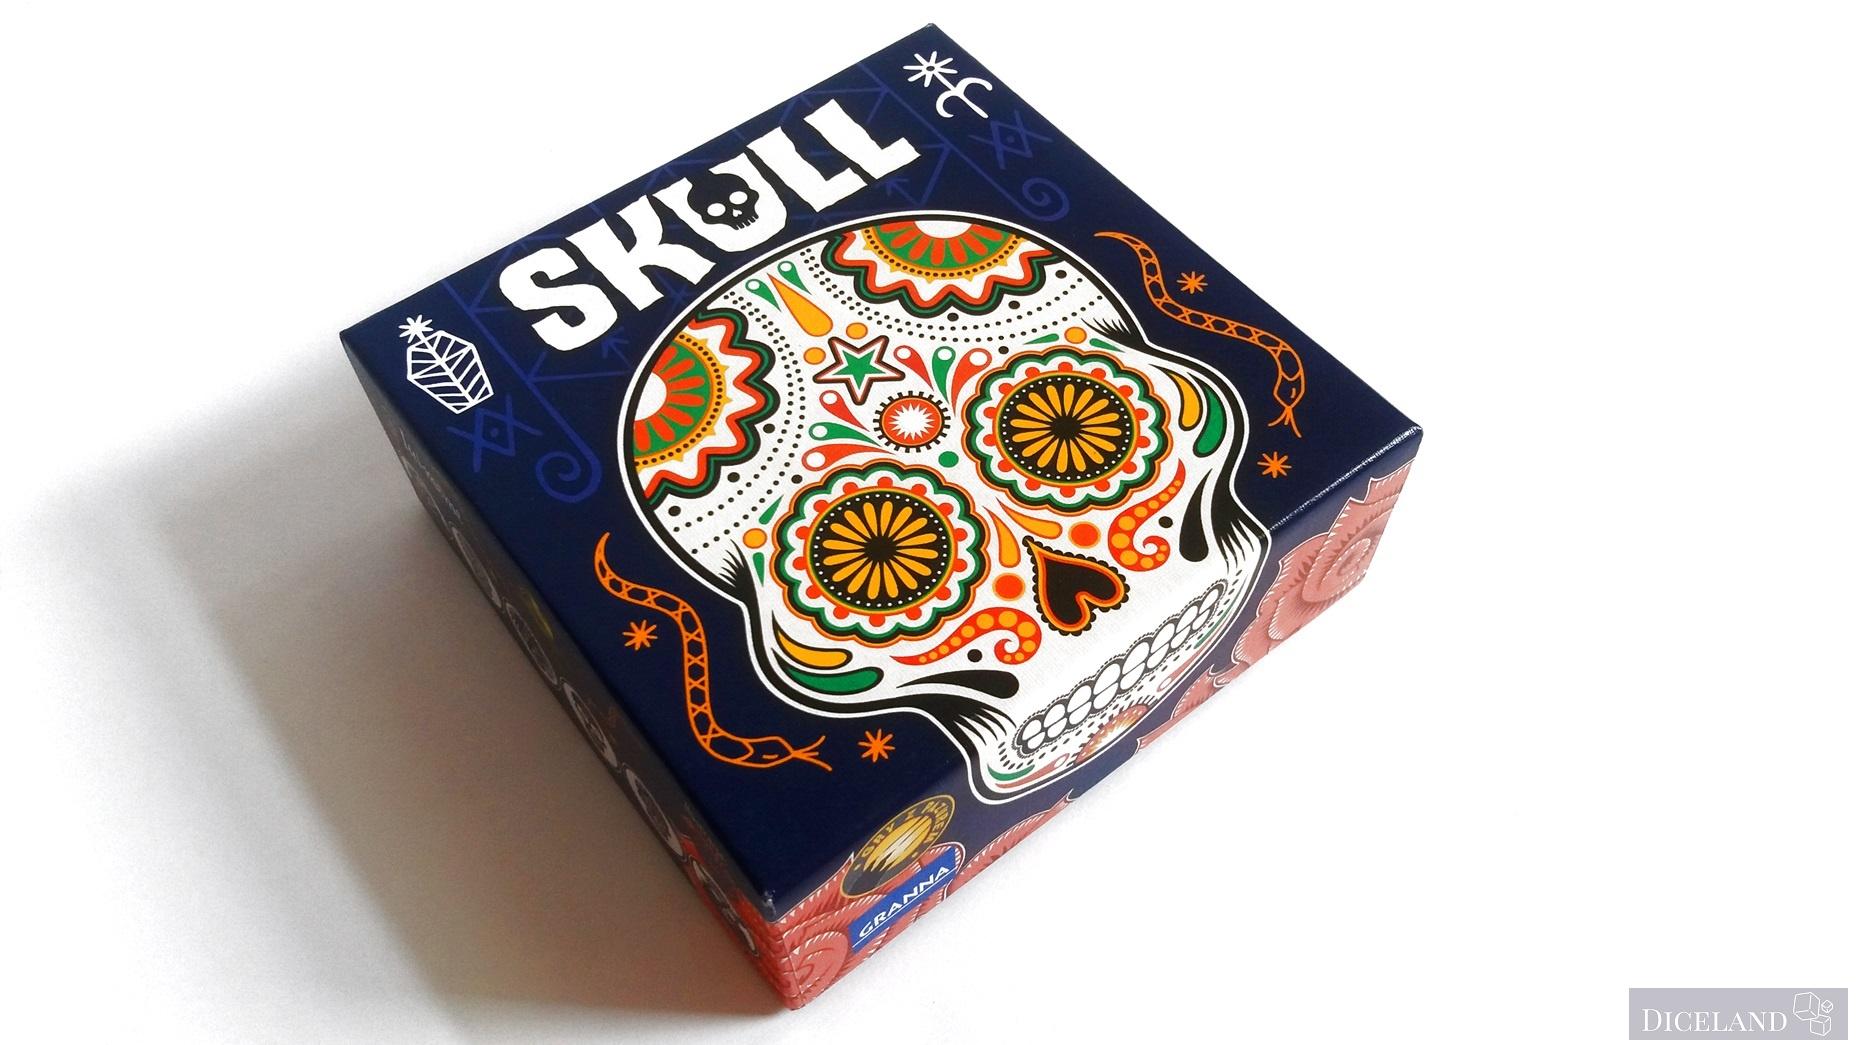 Skull 2 Recenzja #11 Skull